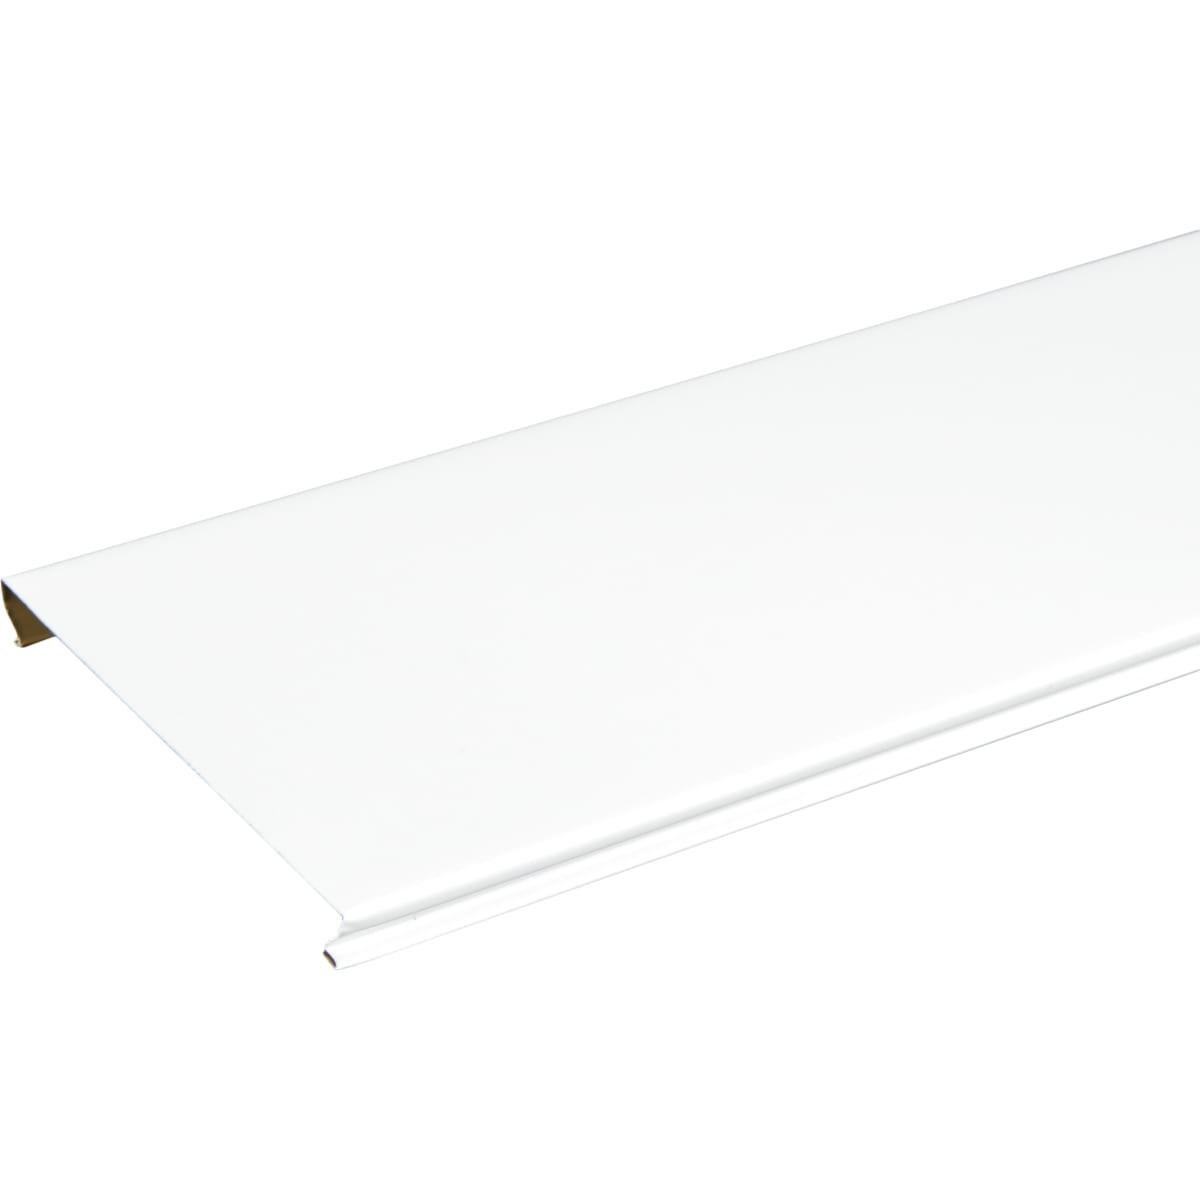 Набор реек «Базис» 3x0.2 м цвет жемчужно-белый 2 шт.